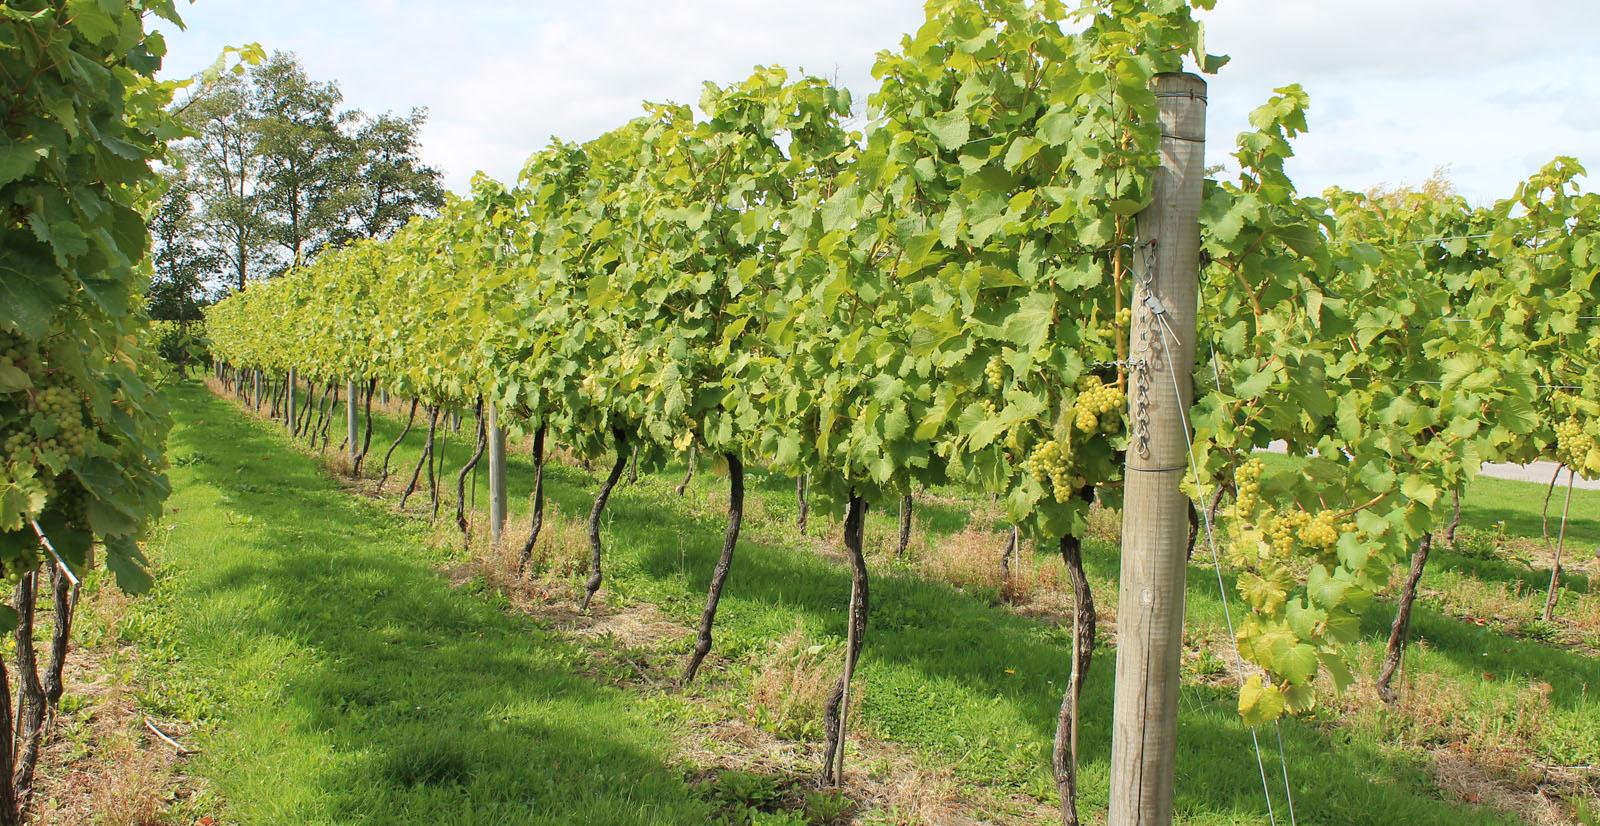 Lamberhurst Vines by Lynda Grigsby